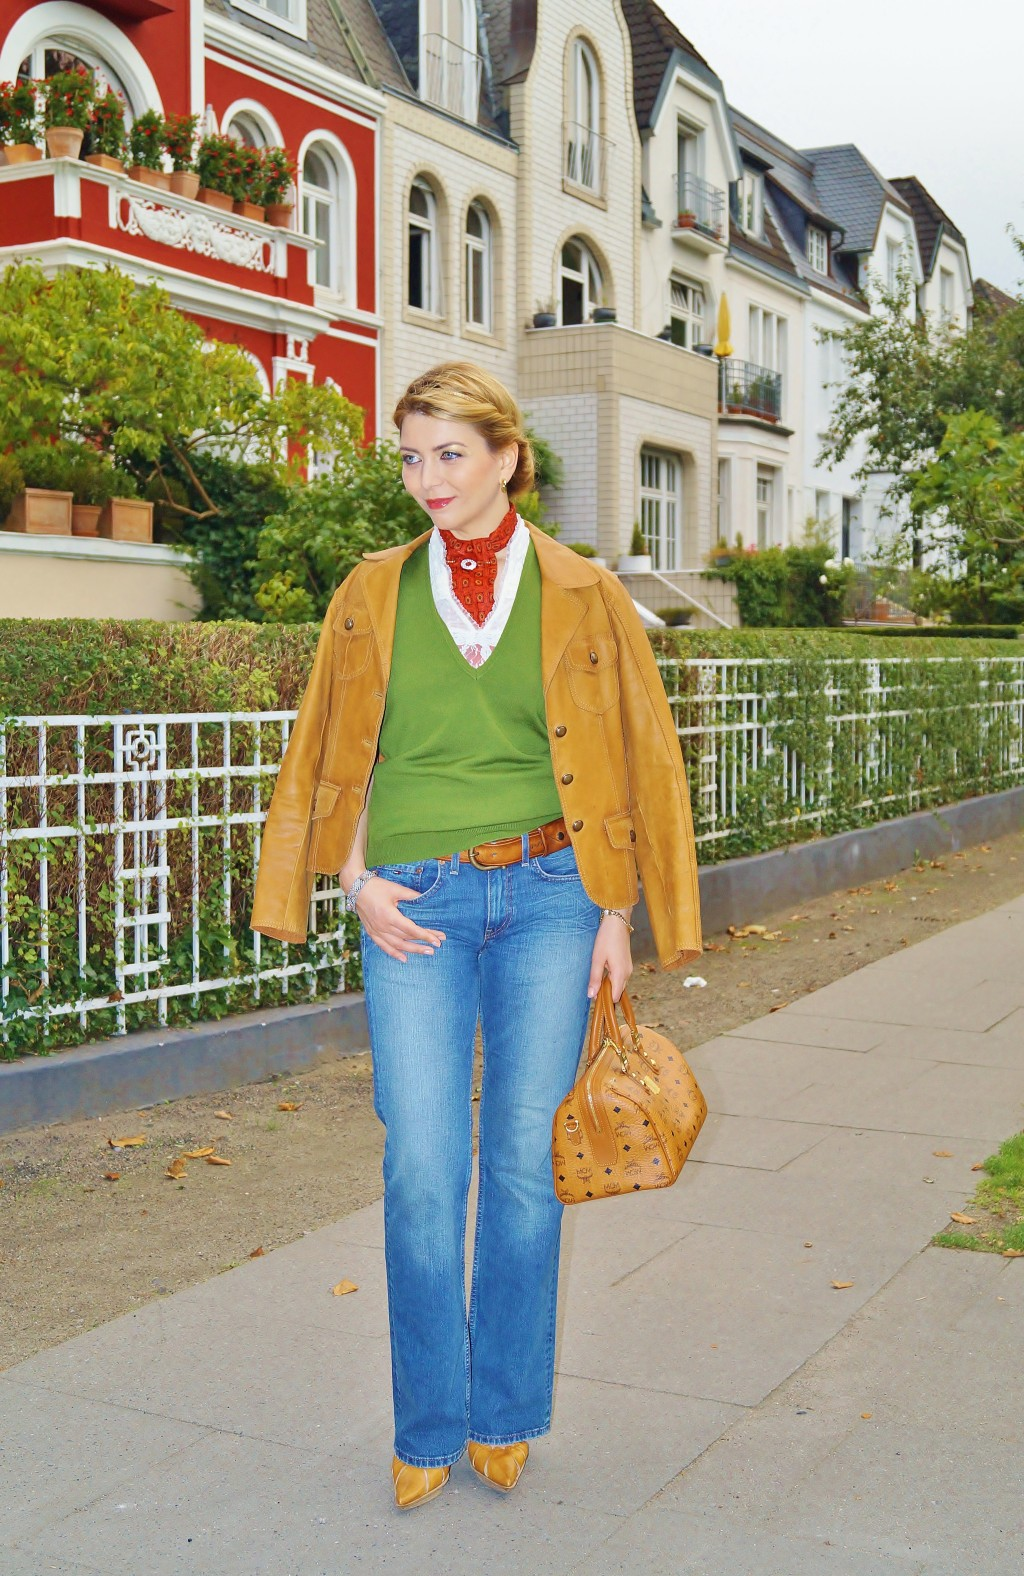 Der Herbst gibt den Ton an: Cognac Leder-Jacke